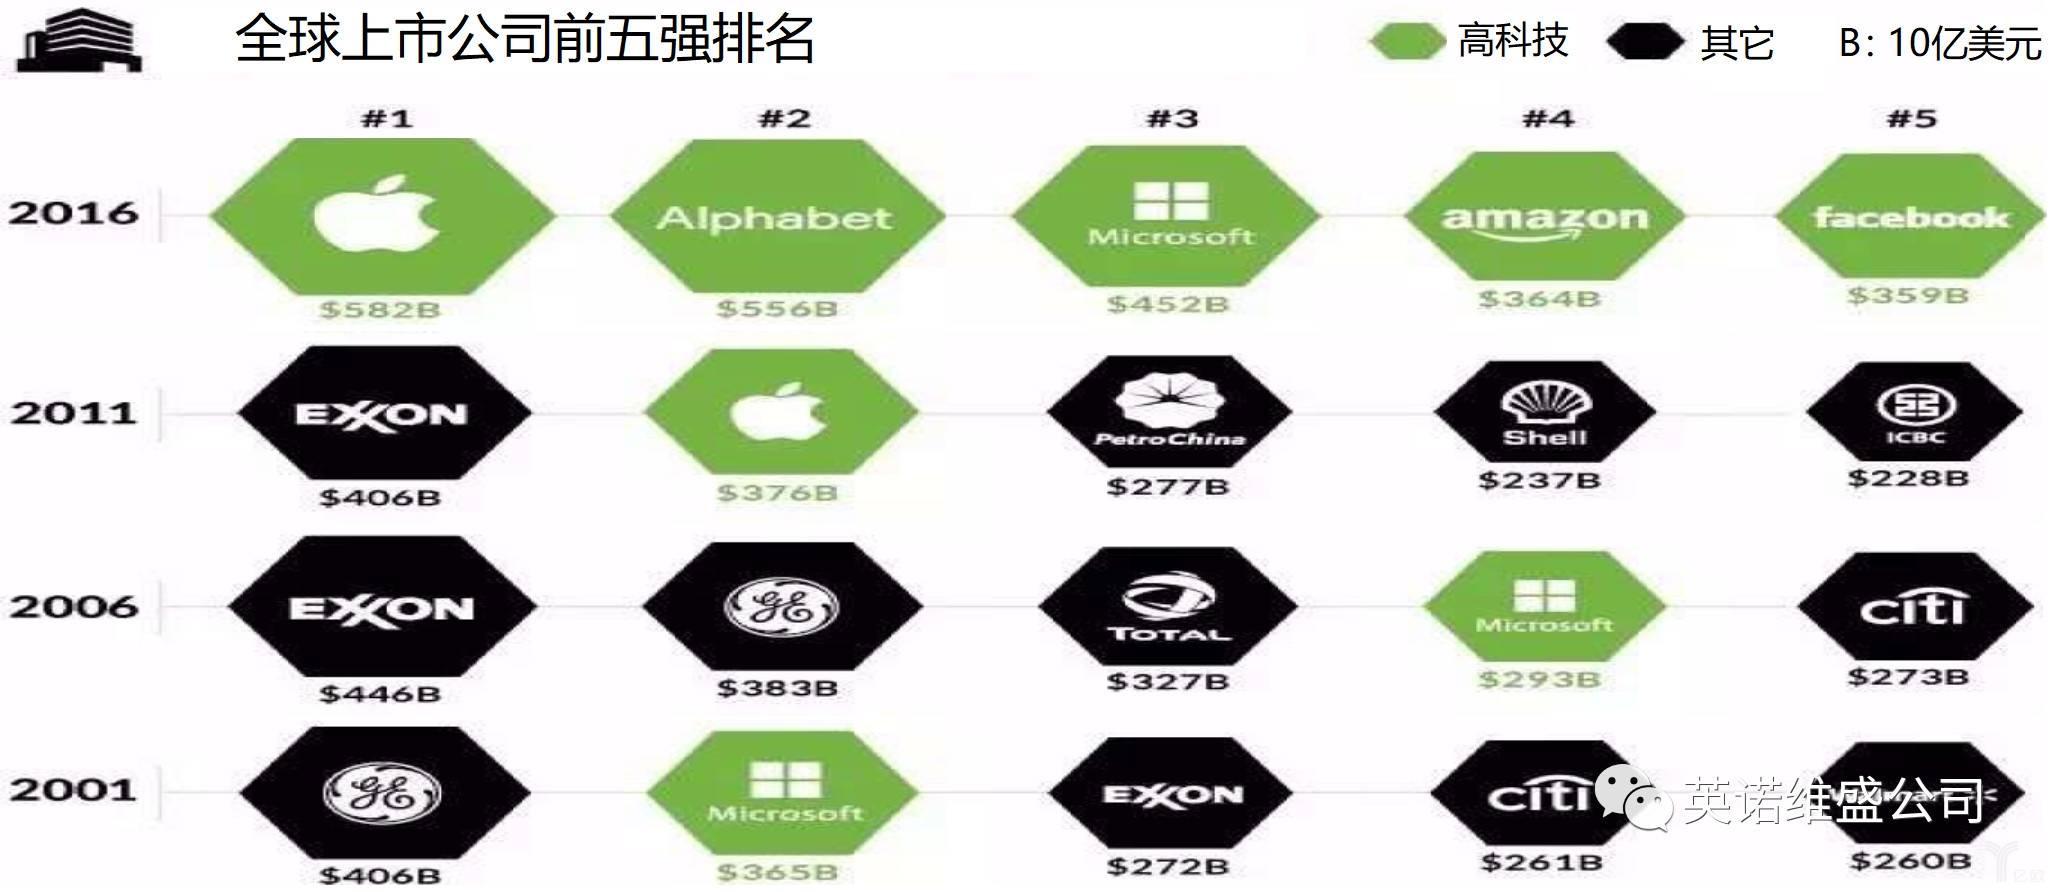 全球上市公司前五名都是软件公司.jpg